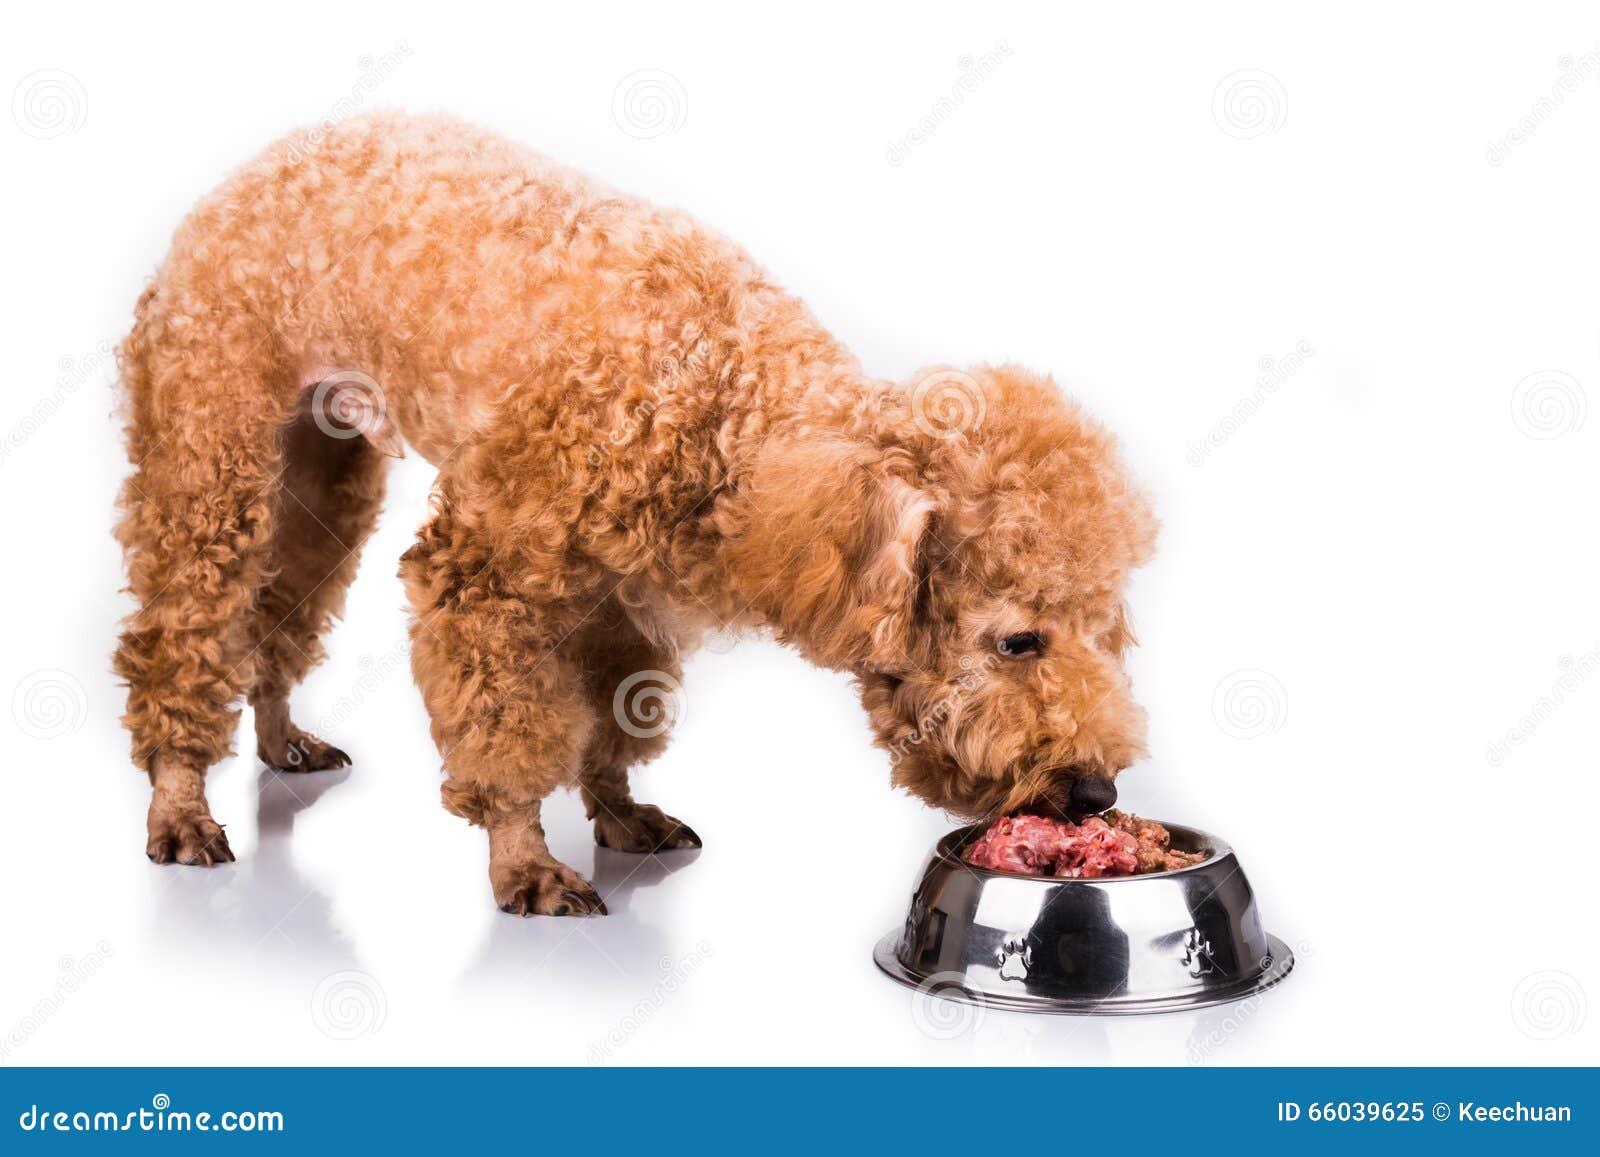 Poodle σκυλί που απολαμβάνει το θρεπτικό και εύγευστο ακατέργαστο κρεατάλευρό της